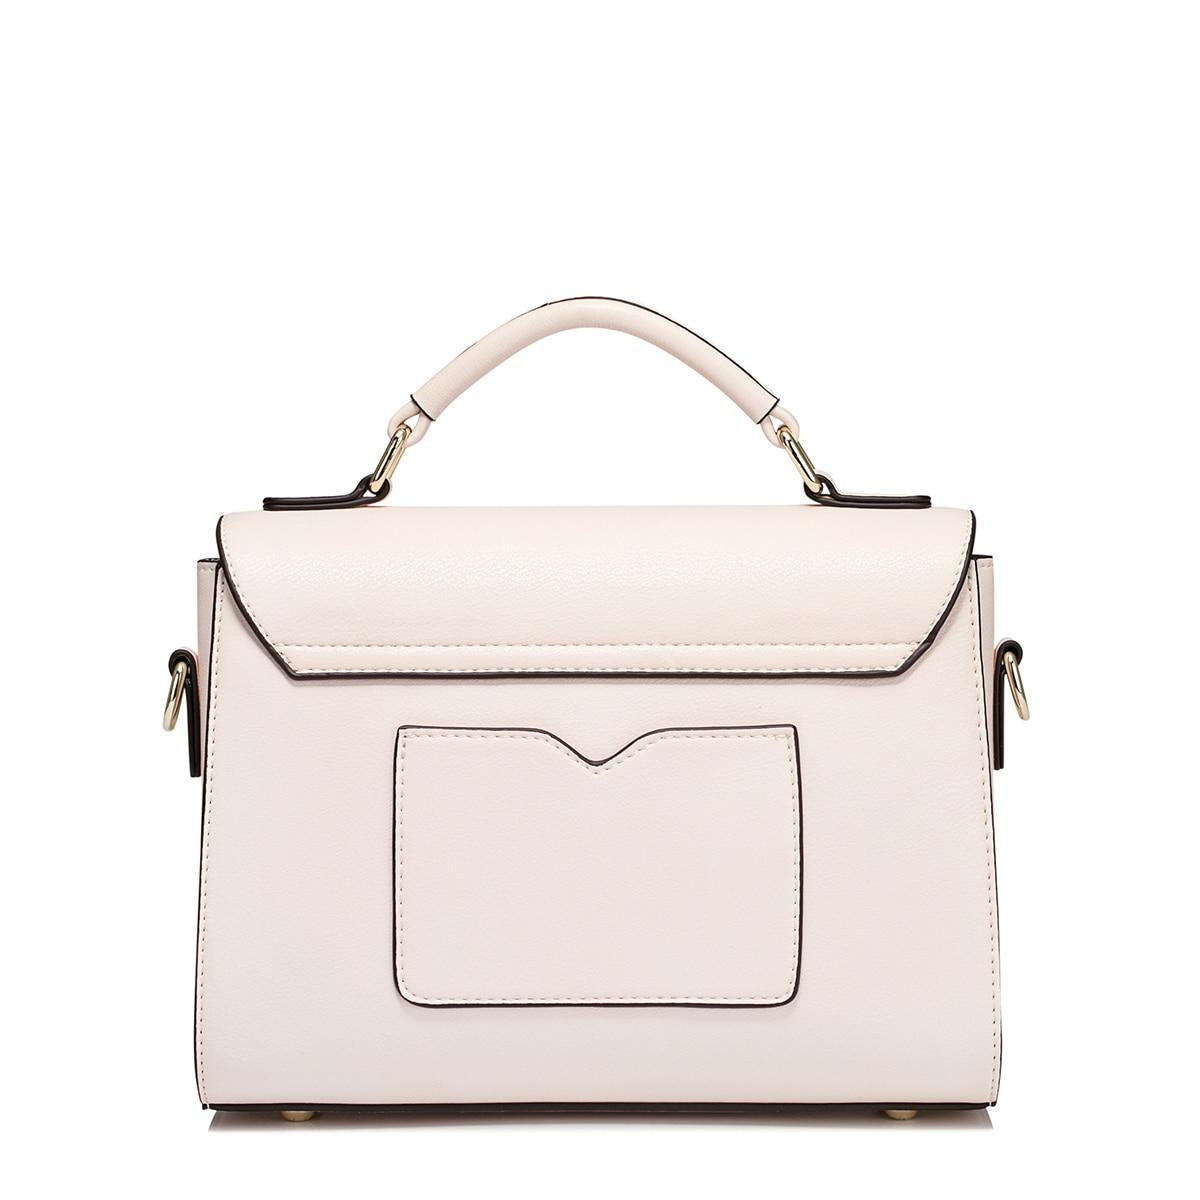 2017 elegante botella de Perfume con lentejuelas bolso de mano con solapa de diseño de marca de lujo borlas bolsos de hombro señoras bandolera-in Bolsos de hombro from Maletas y bolsas    3